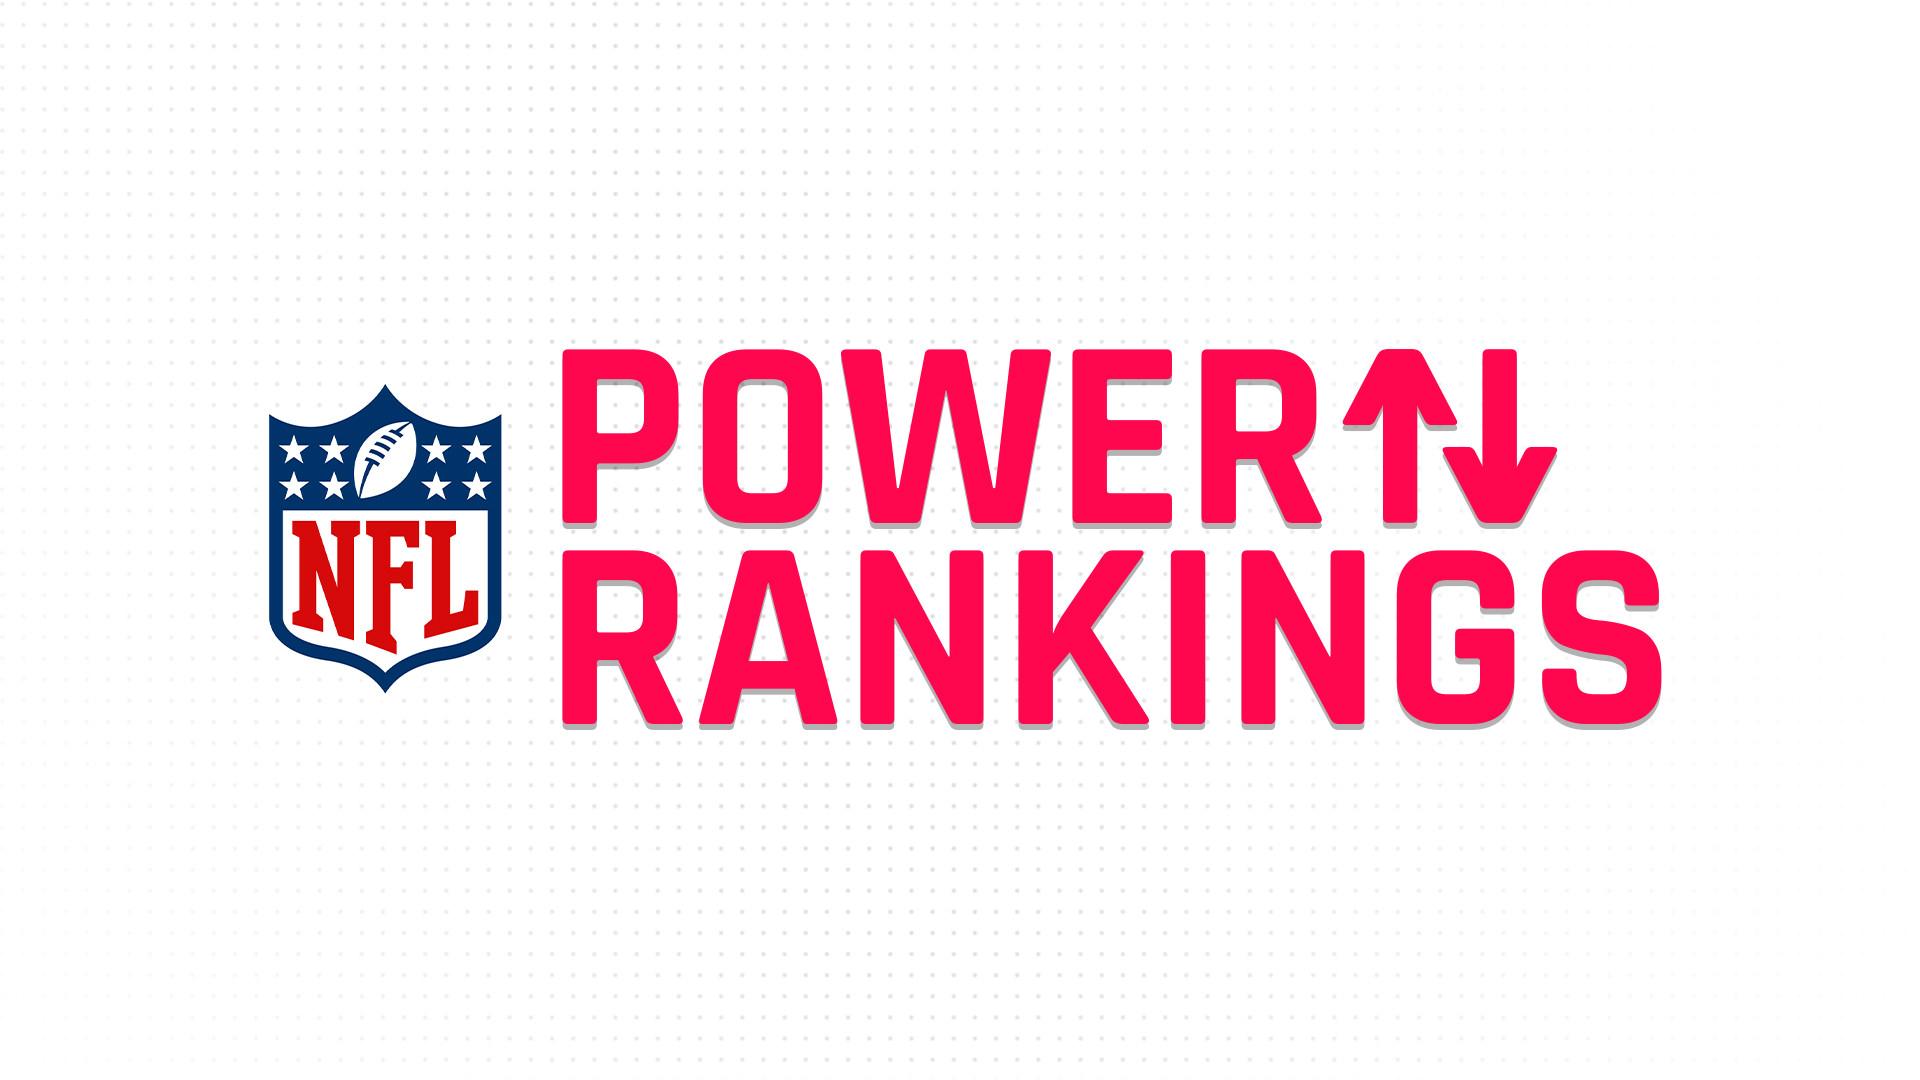 Classificações de poder da NFL: Chefes destituem Seahawks;  Águias, Cardeais sobem;  Cowboys em crise entrando na semana 8